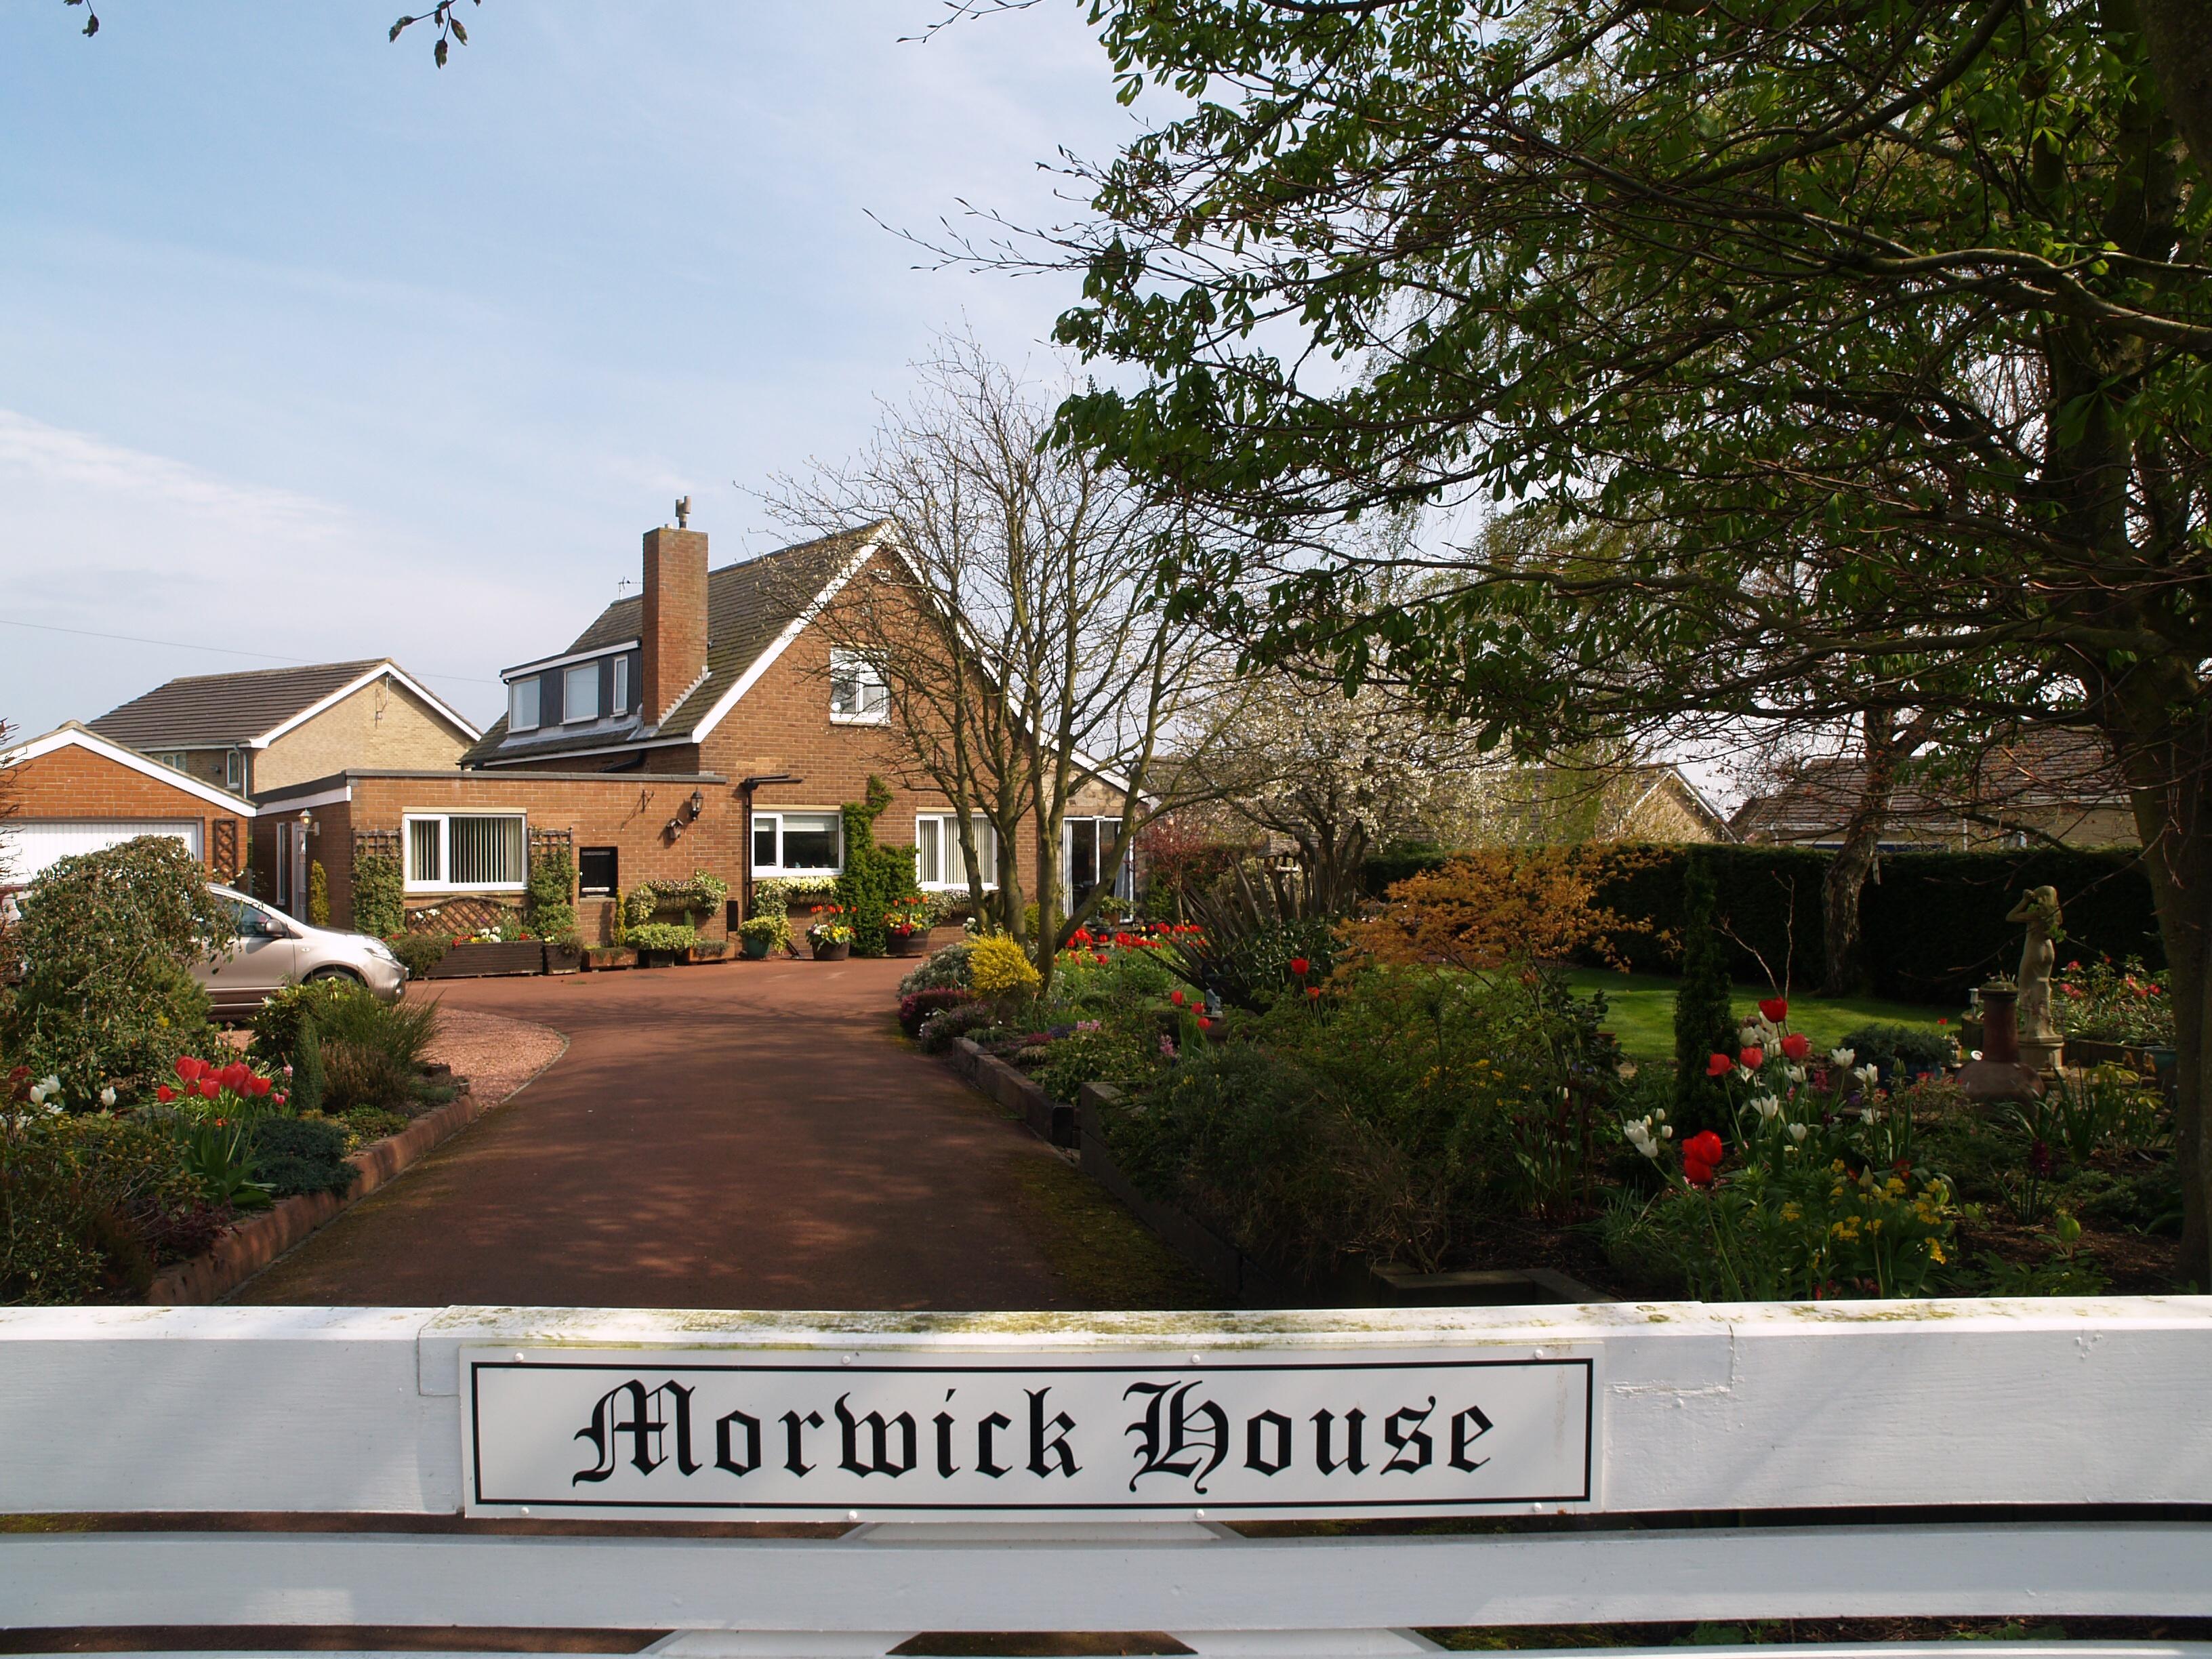 Morwick House B&B